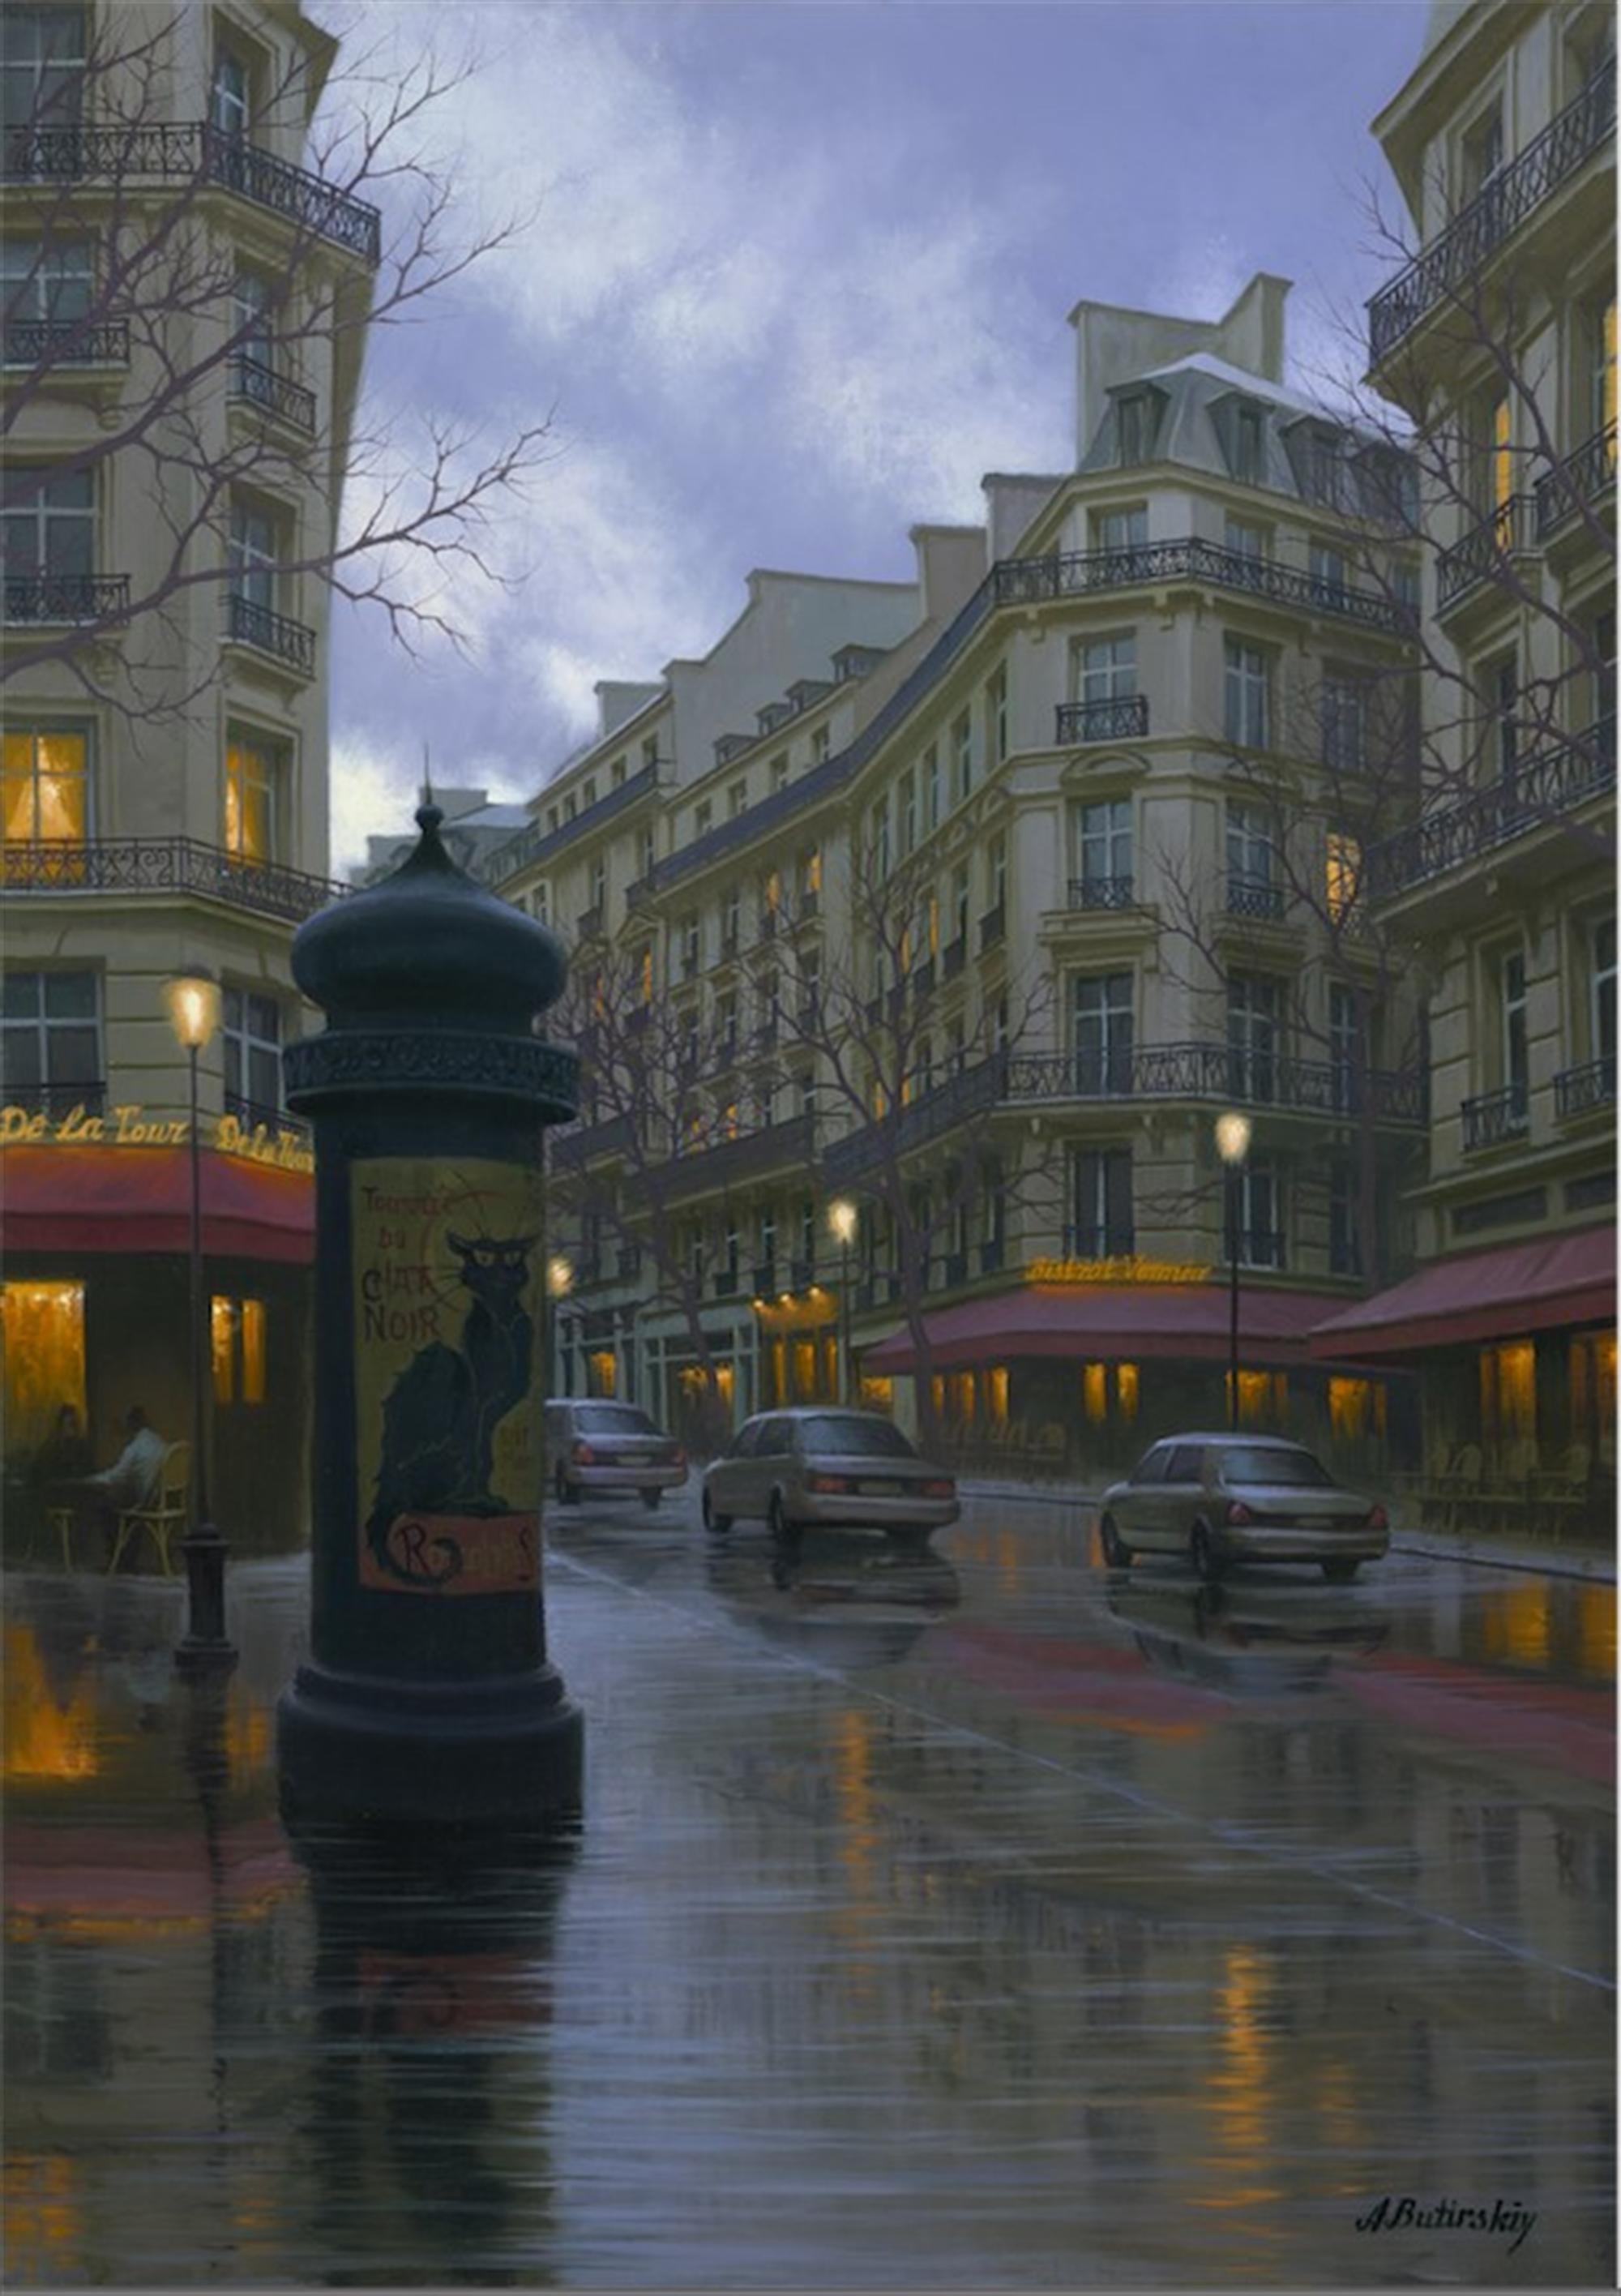 Symbol of Paris by Alexei Butirskiy